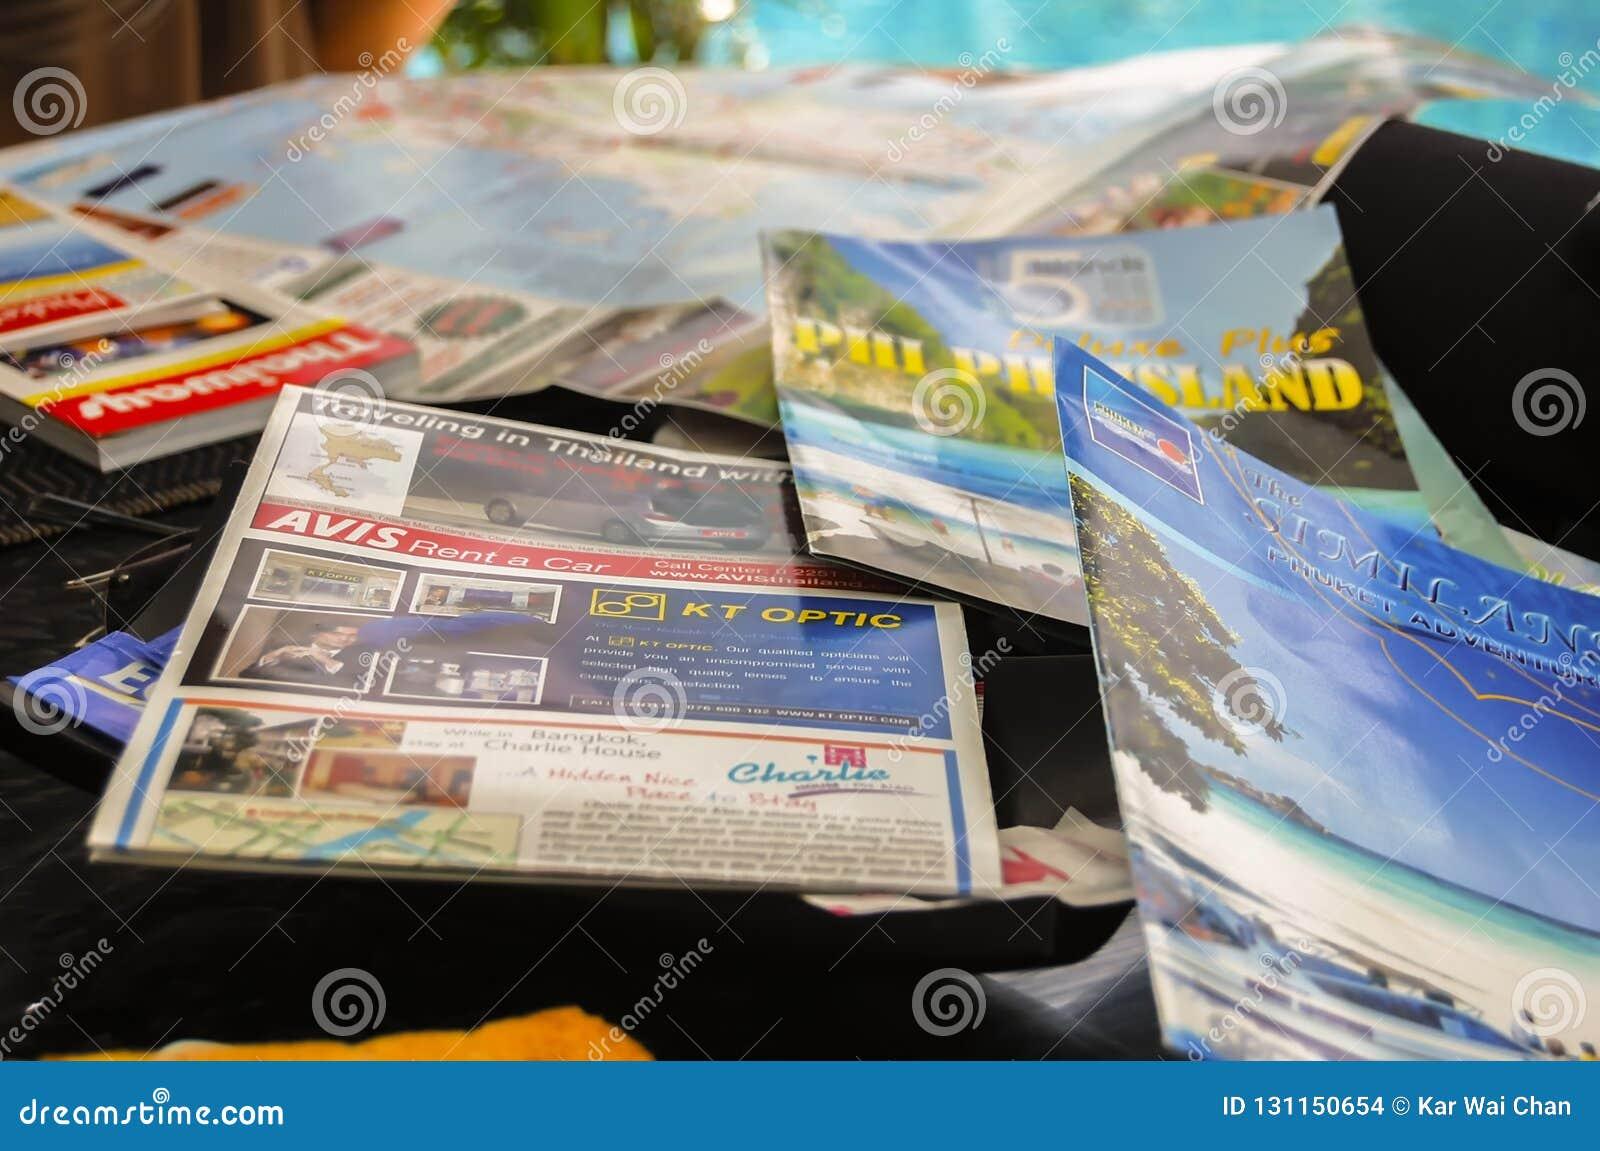 Phuket, Thailand - 2009: Reishandleidingen en tijdschriften van Thailand